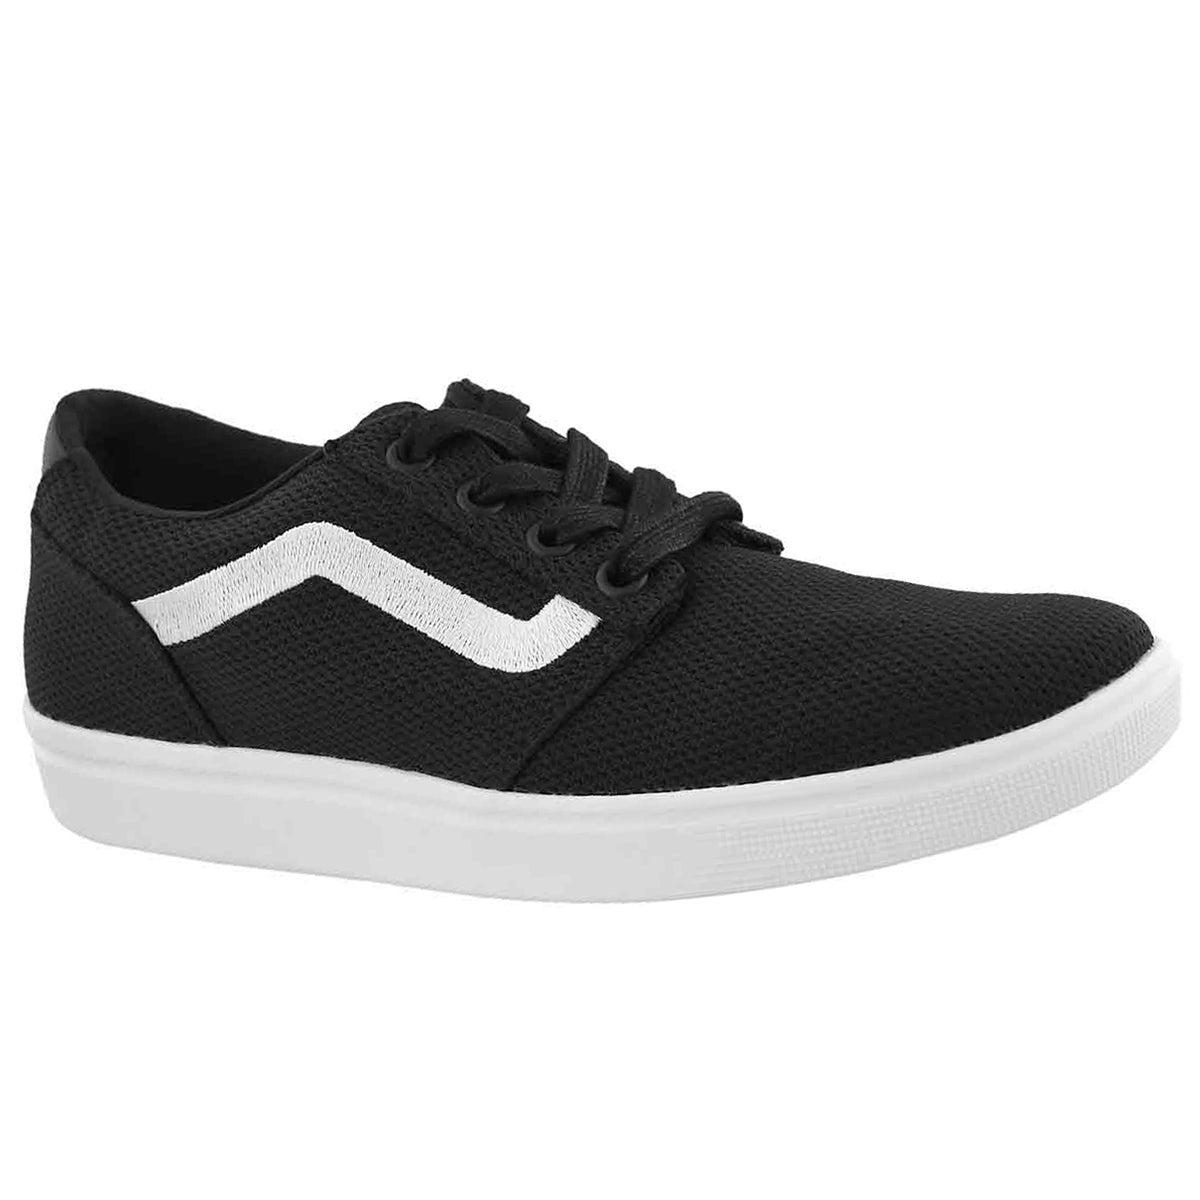 Women's CHAPMAN LITE black/white lace up sneakers